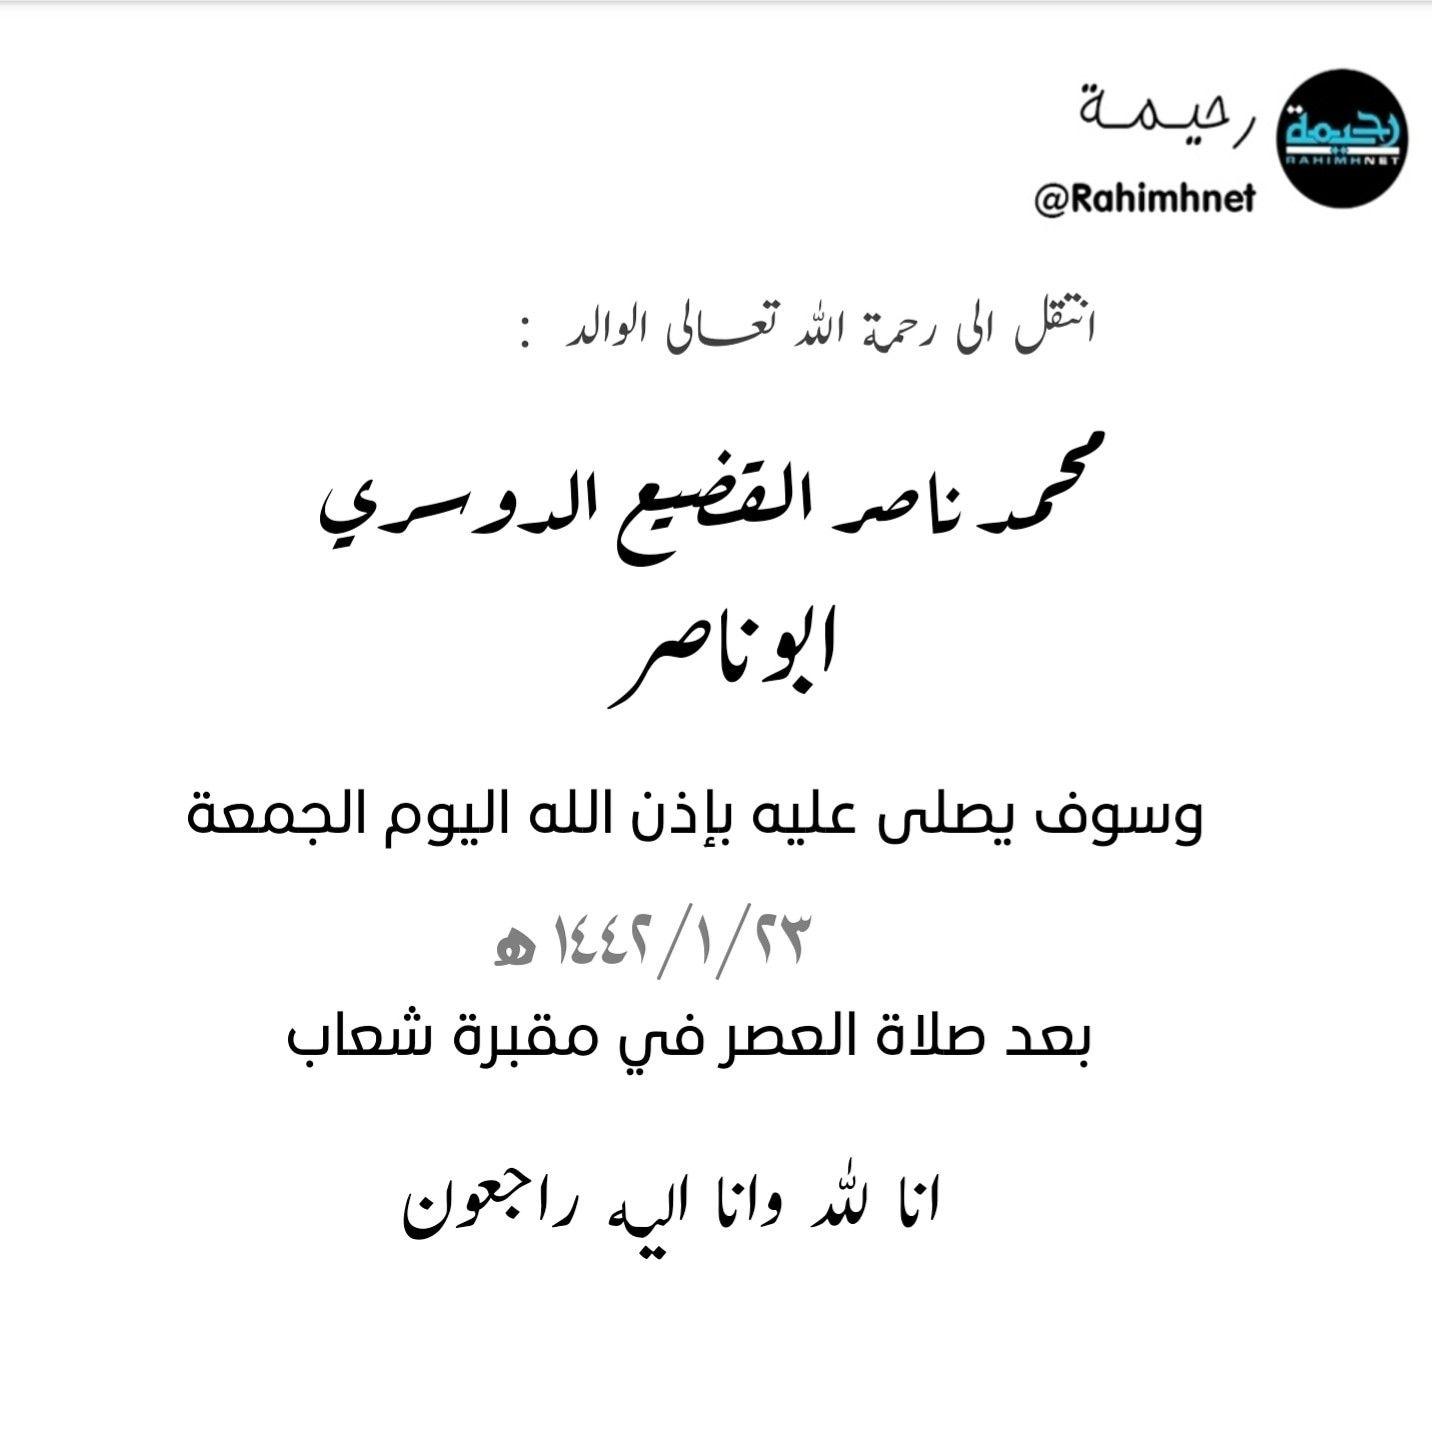 الوالد محمد ناصر القضيع الدوسري في ذمة الله Arabic Calligraphy Calligraphy